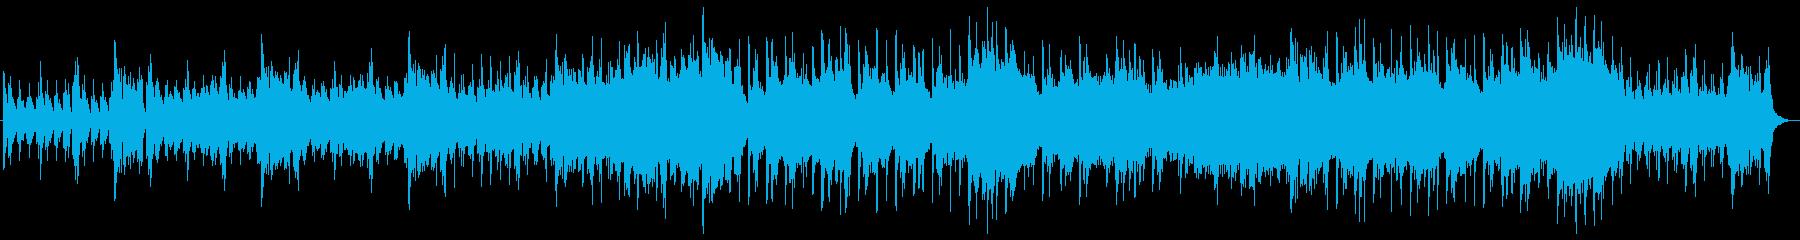 綺麗で繊細なアンビエントポップの再生済みの波形